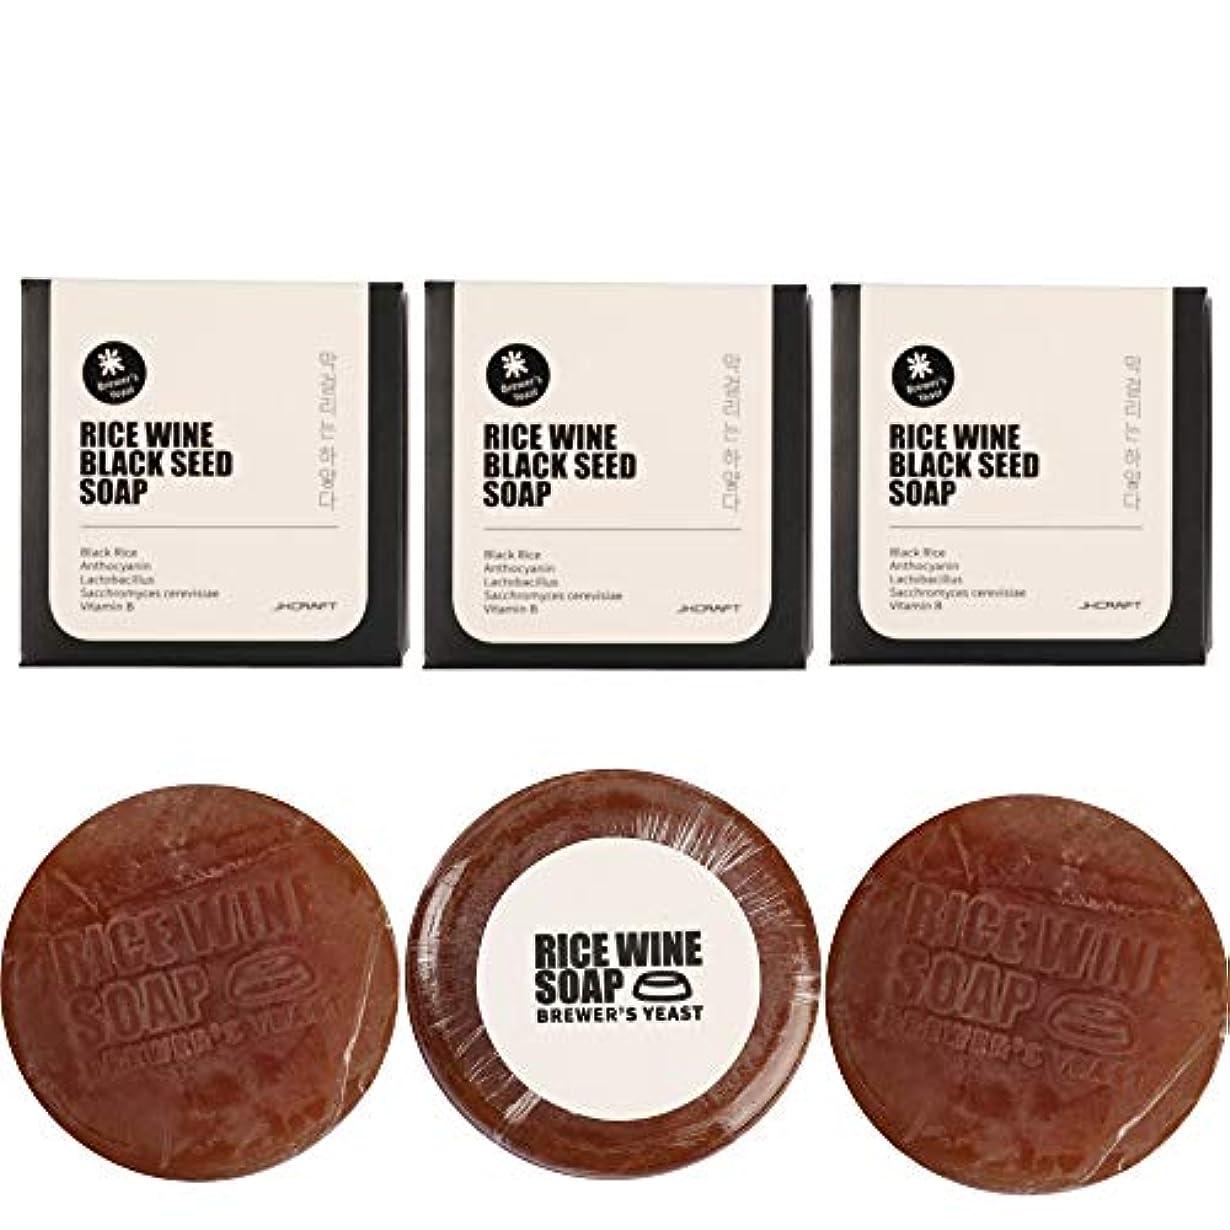 憧れハブマイクロJKCRAFT RICEWINE BLACK SEED SOAP 黒米マッコリ酵母石鹸,無添加,無刺激,天然洗顔石鹸 3pcs [並行輸入品]